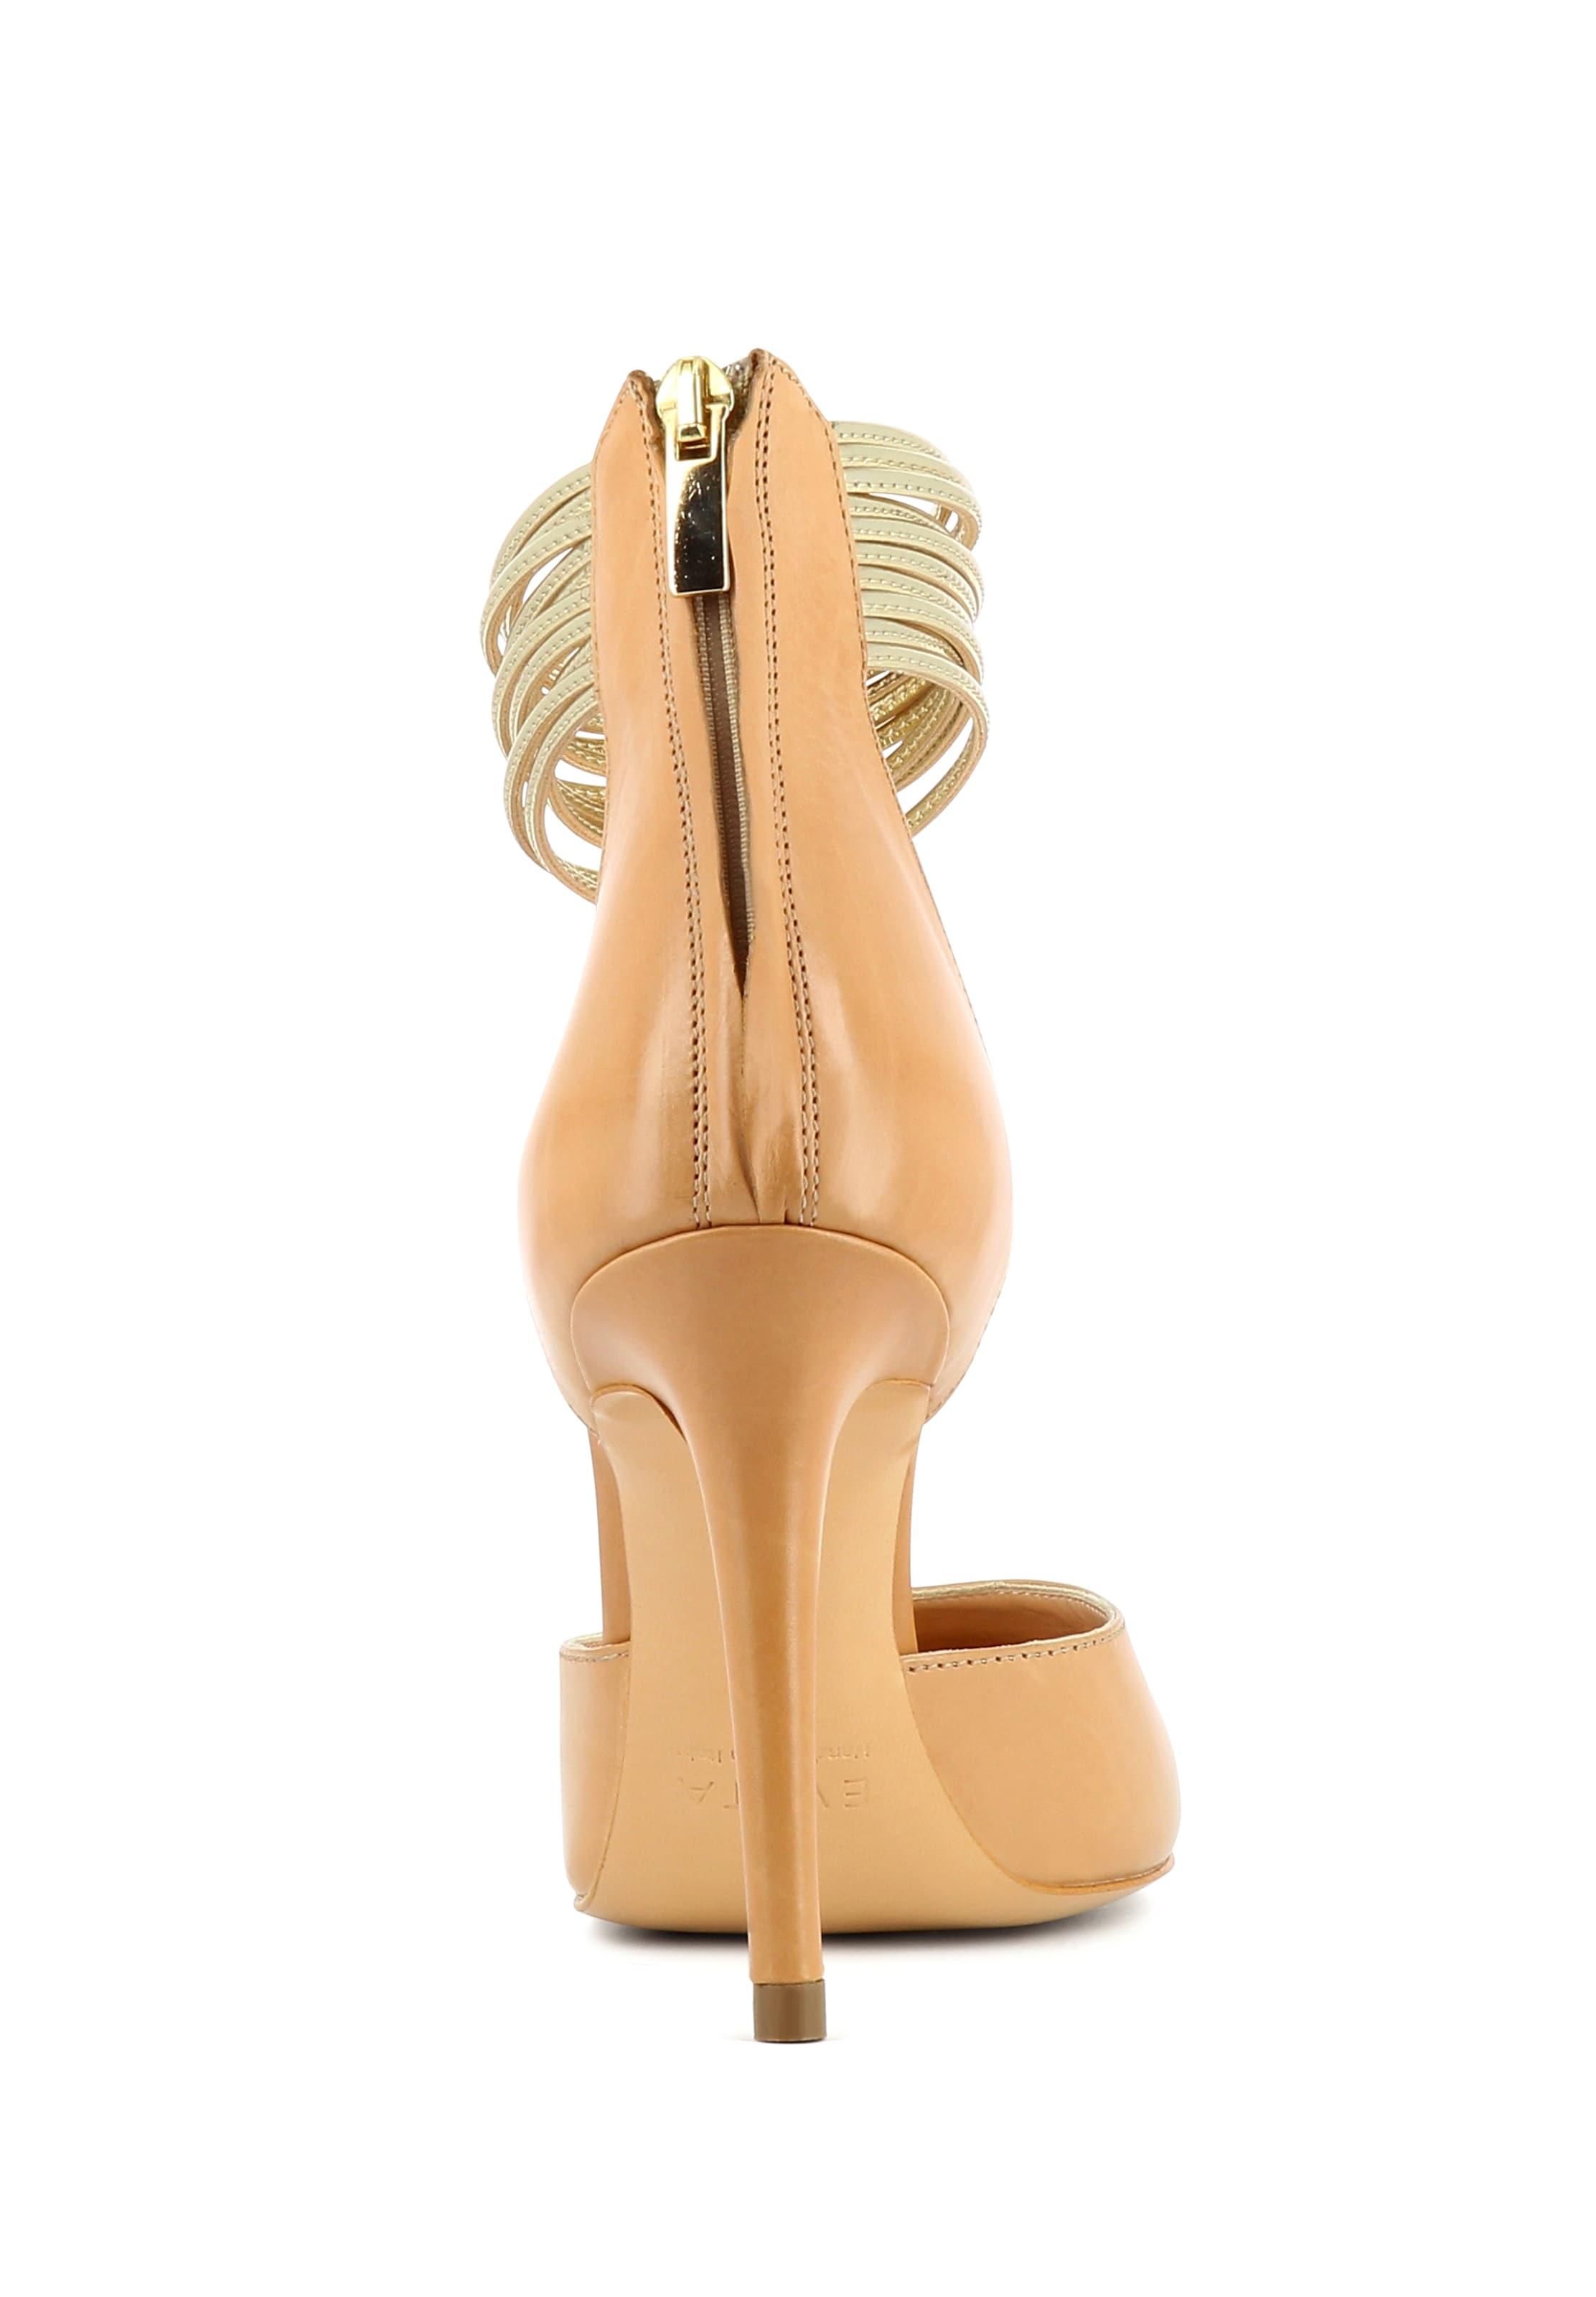 Nude Evita Damen Pumps Nude In Evita Damen Pumps In Evita uTl1Jc3F5K